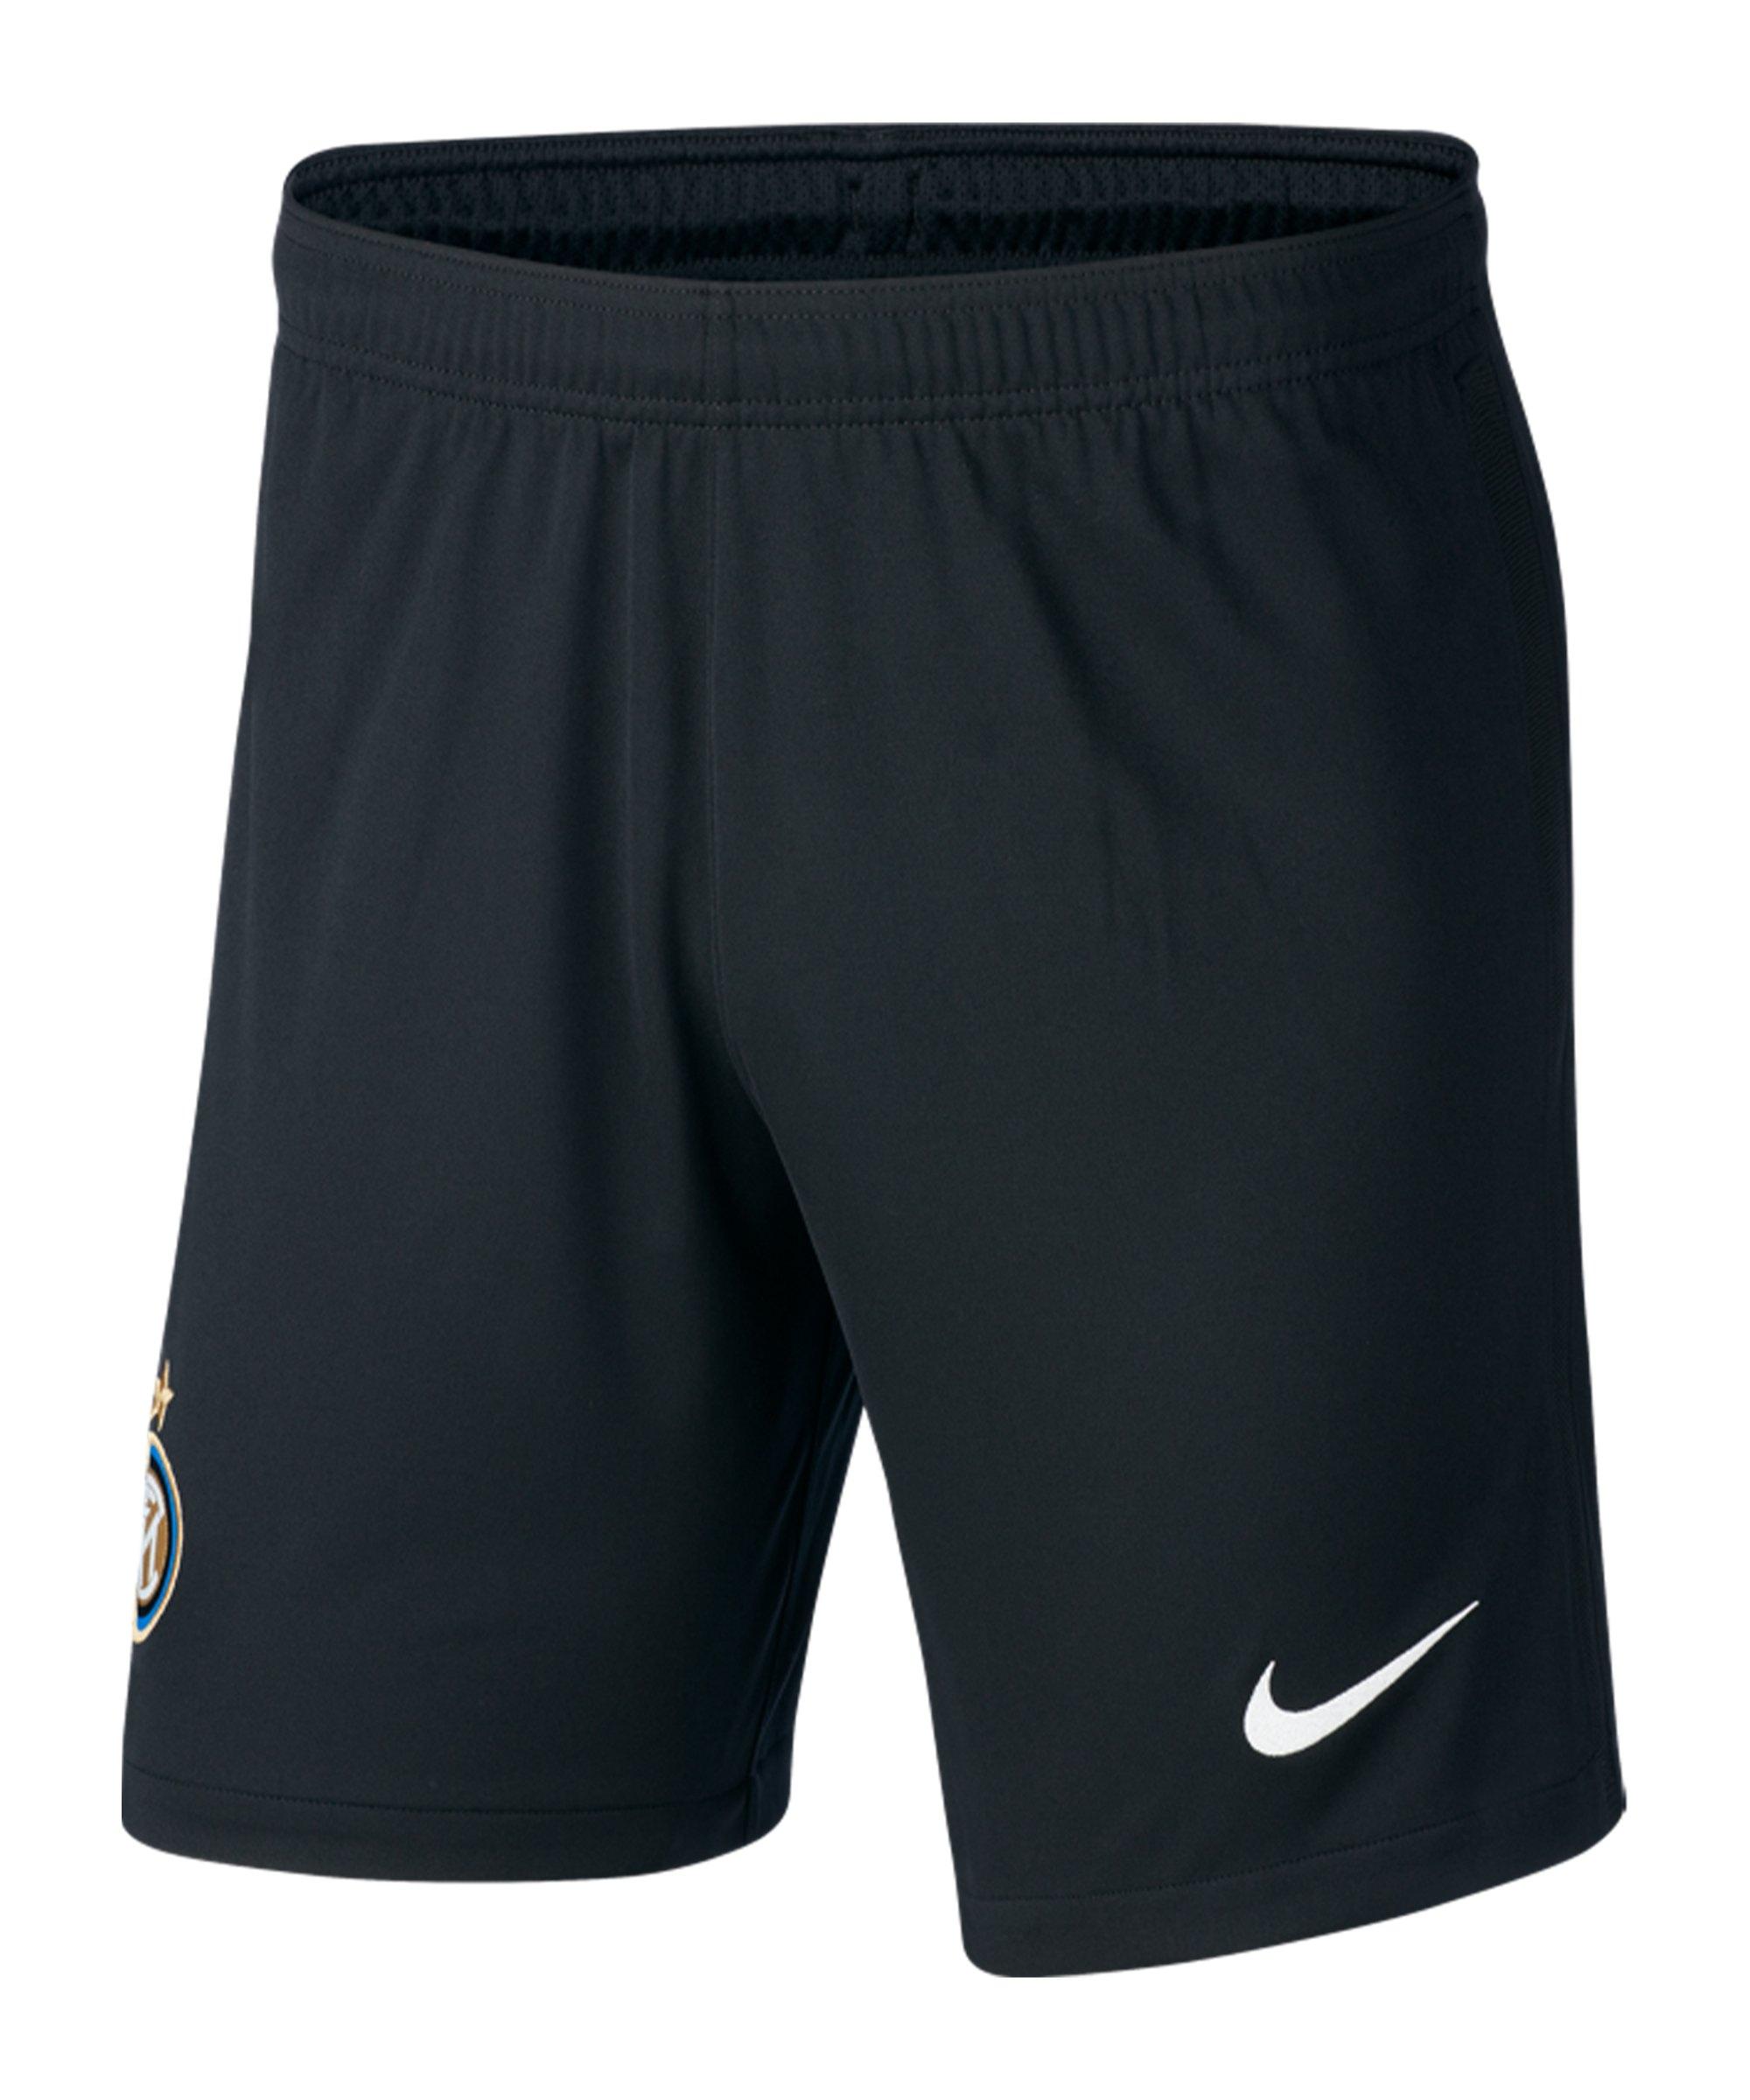 Nike Inter Mailand Short Home 2020/2021 Kids Schwarz F010 - schwarz